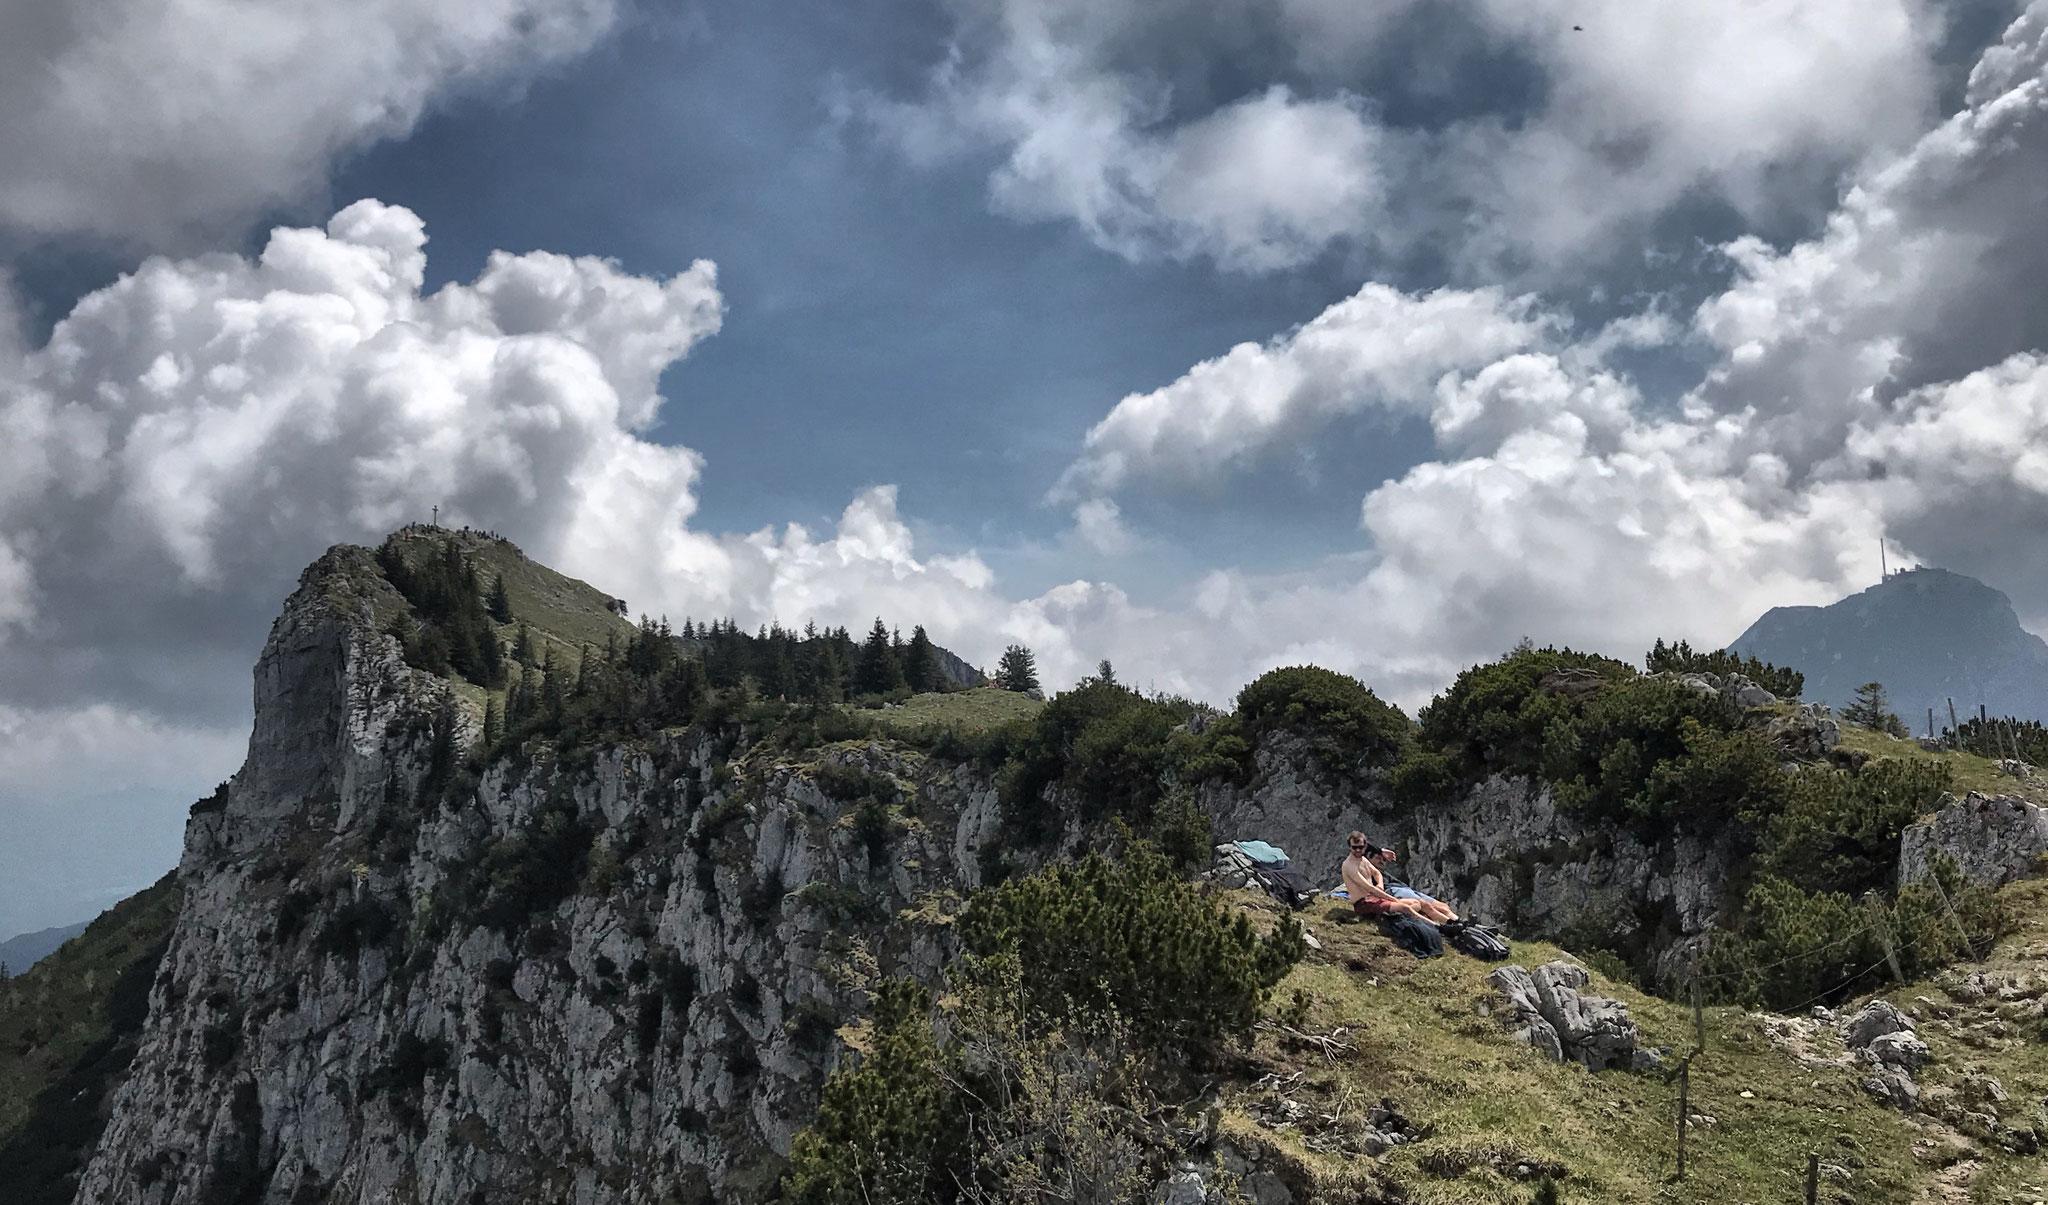 Etappe W07: Marbach - Bucher Alm - Elbach